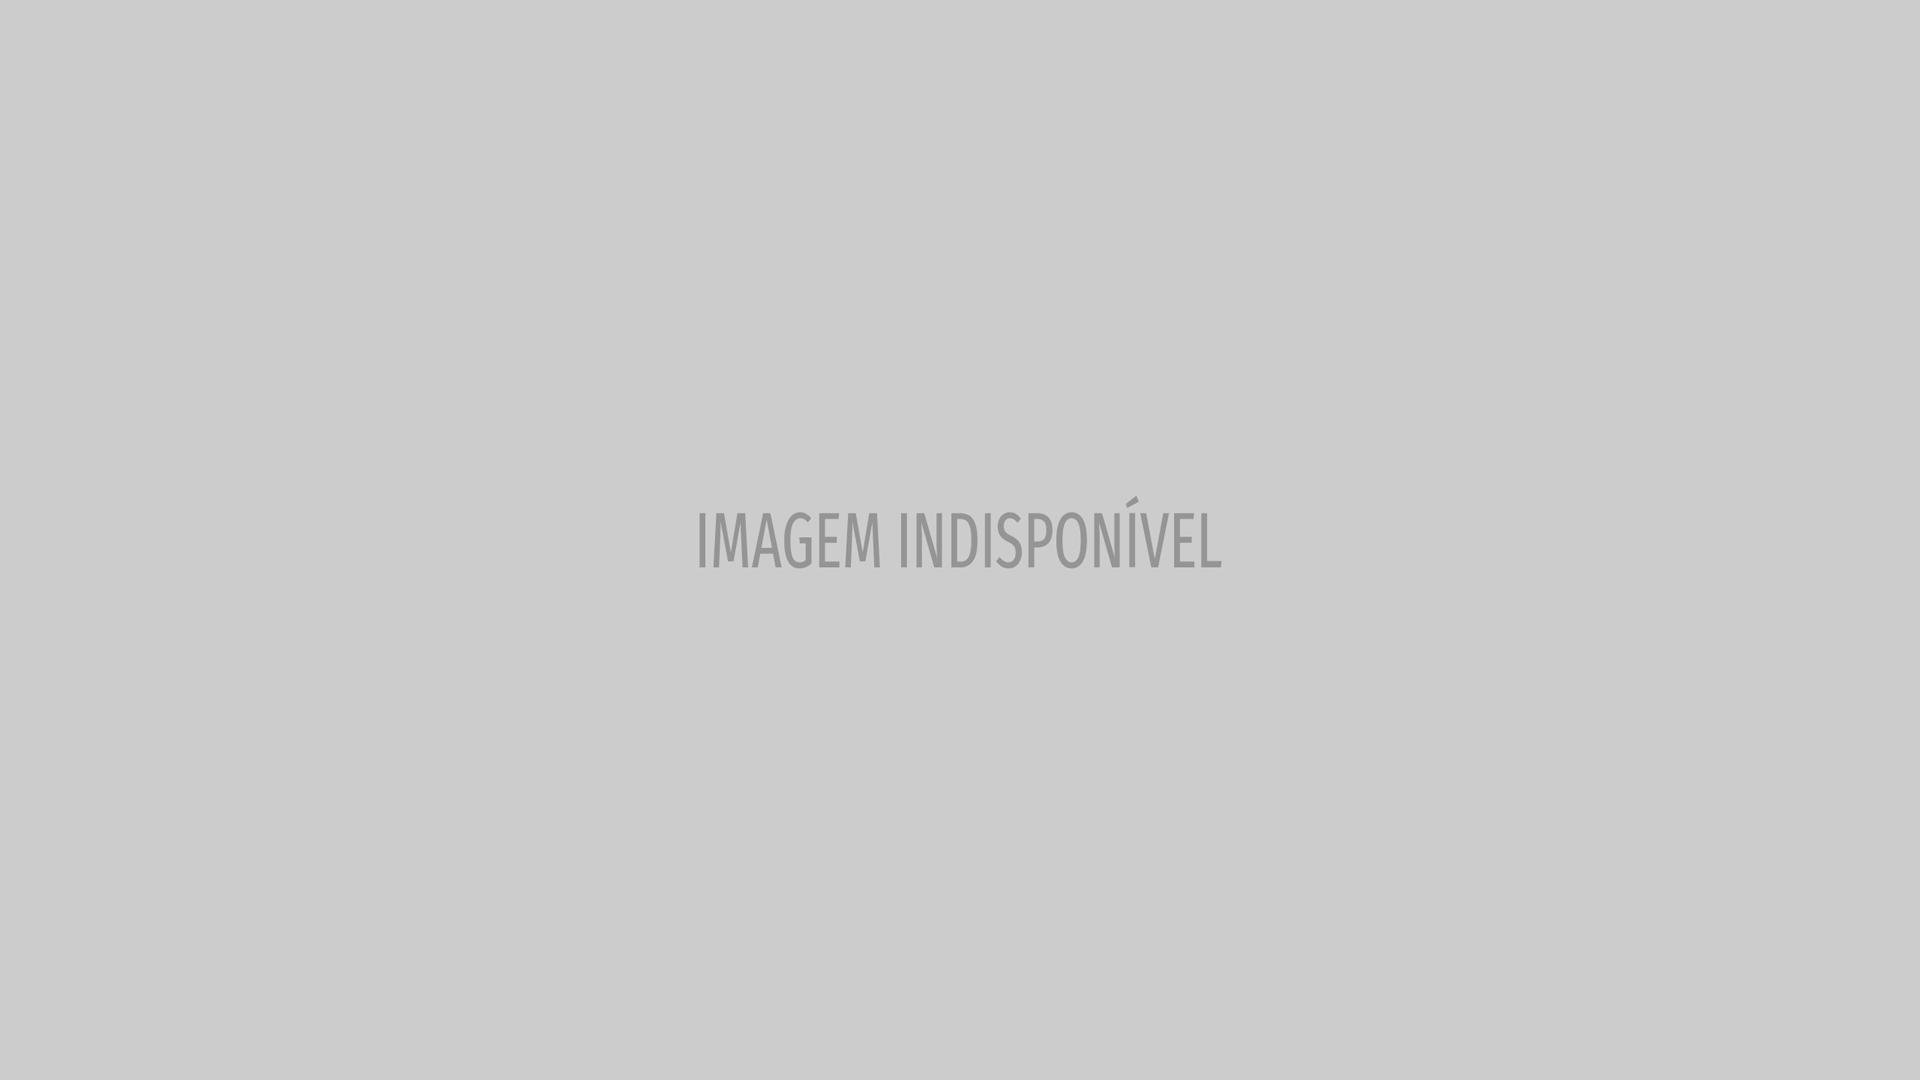 Madonna adere a desafio viral e acaba por ser criticada pelo filho